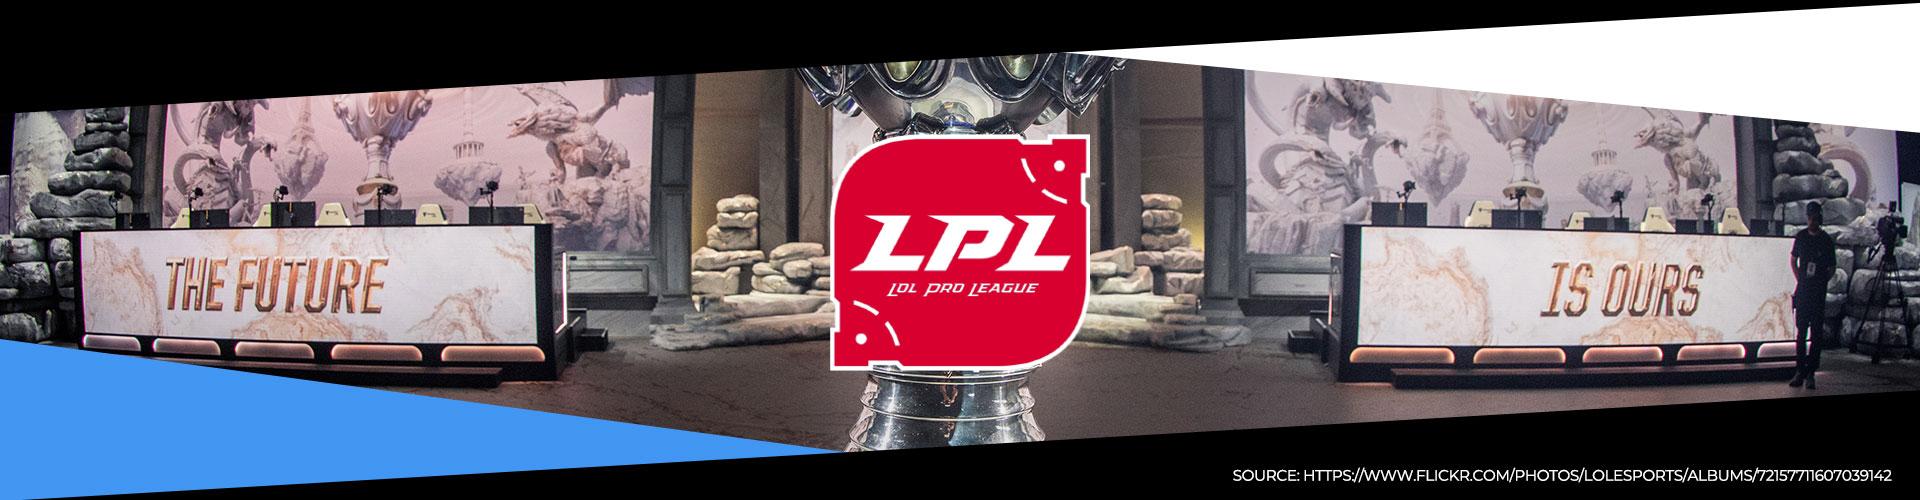 Eventsida för vårsäsongen i den kinesiska LPL-ligan.